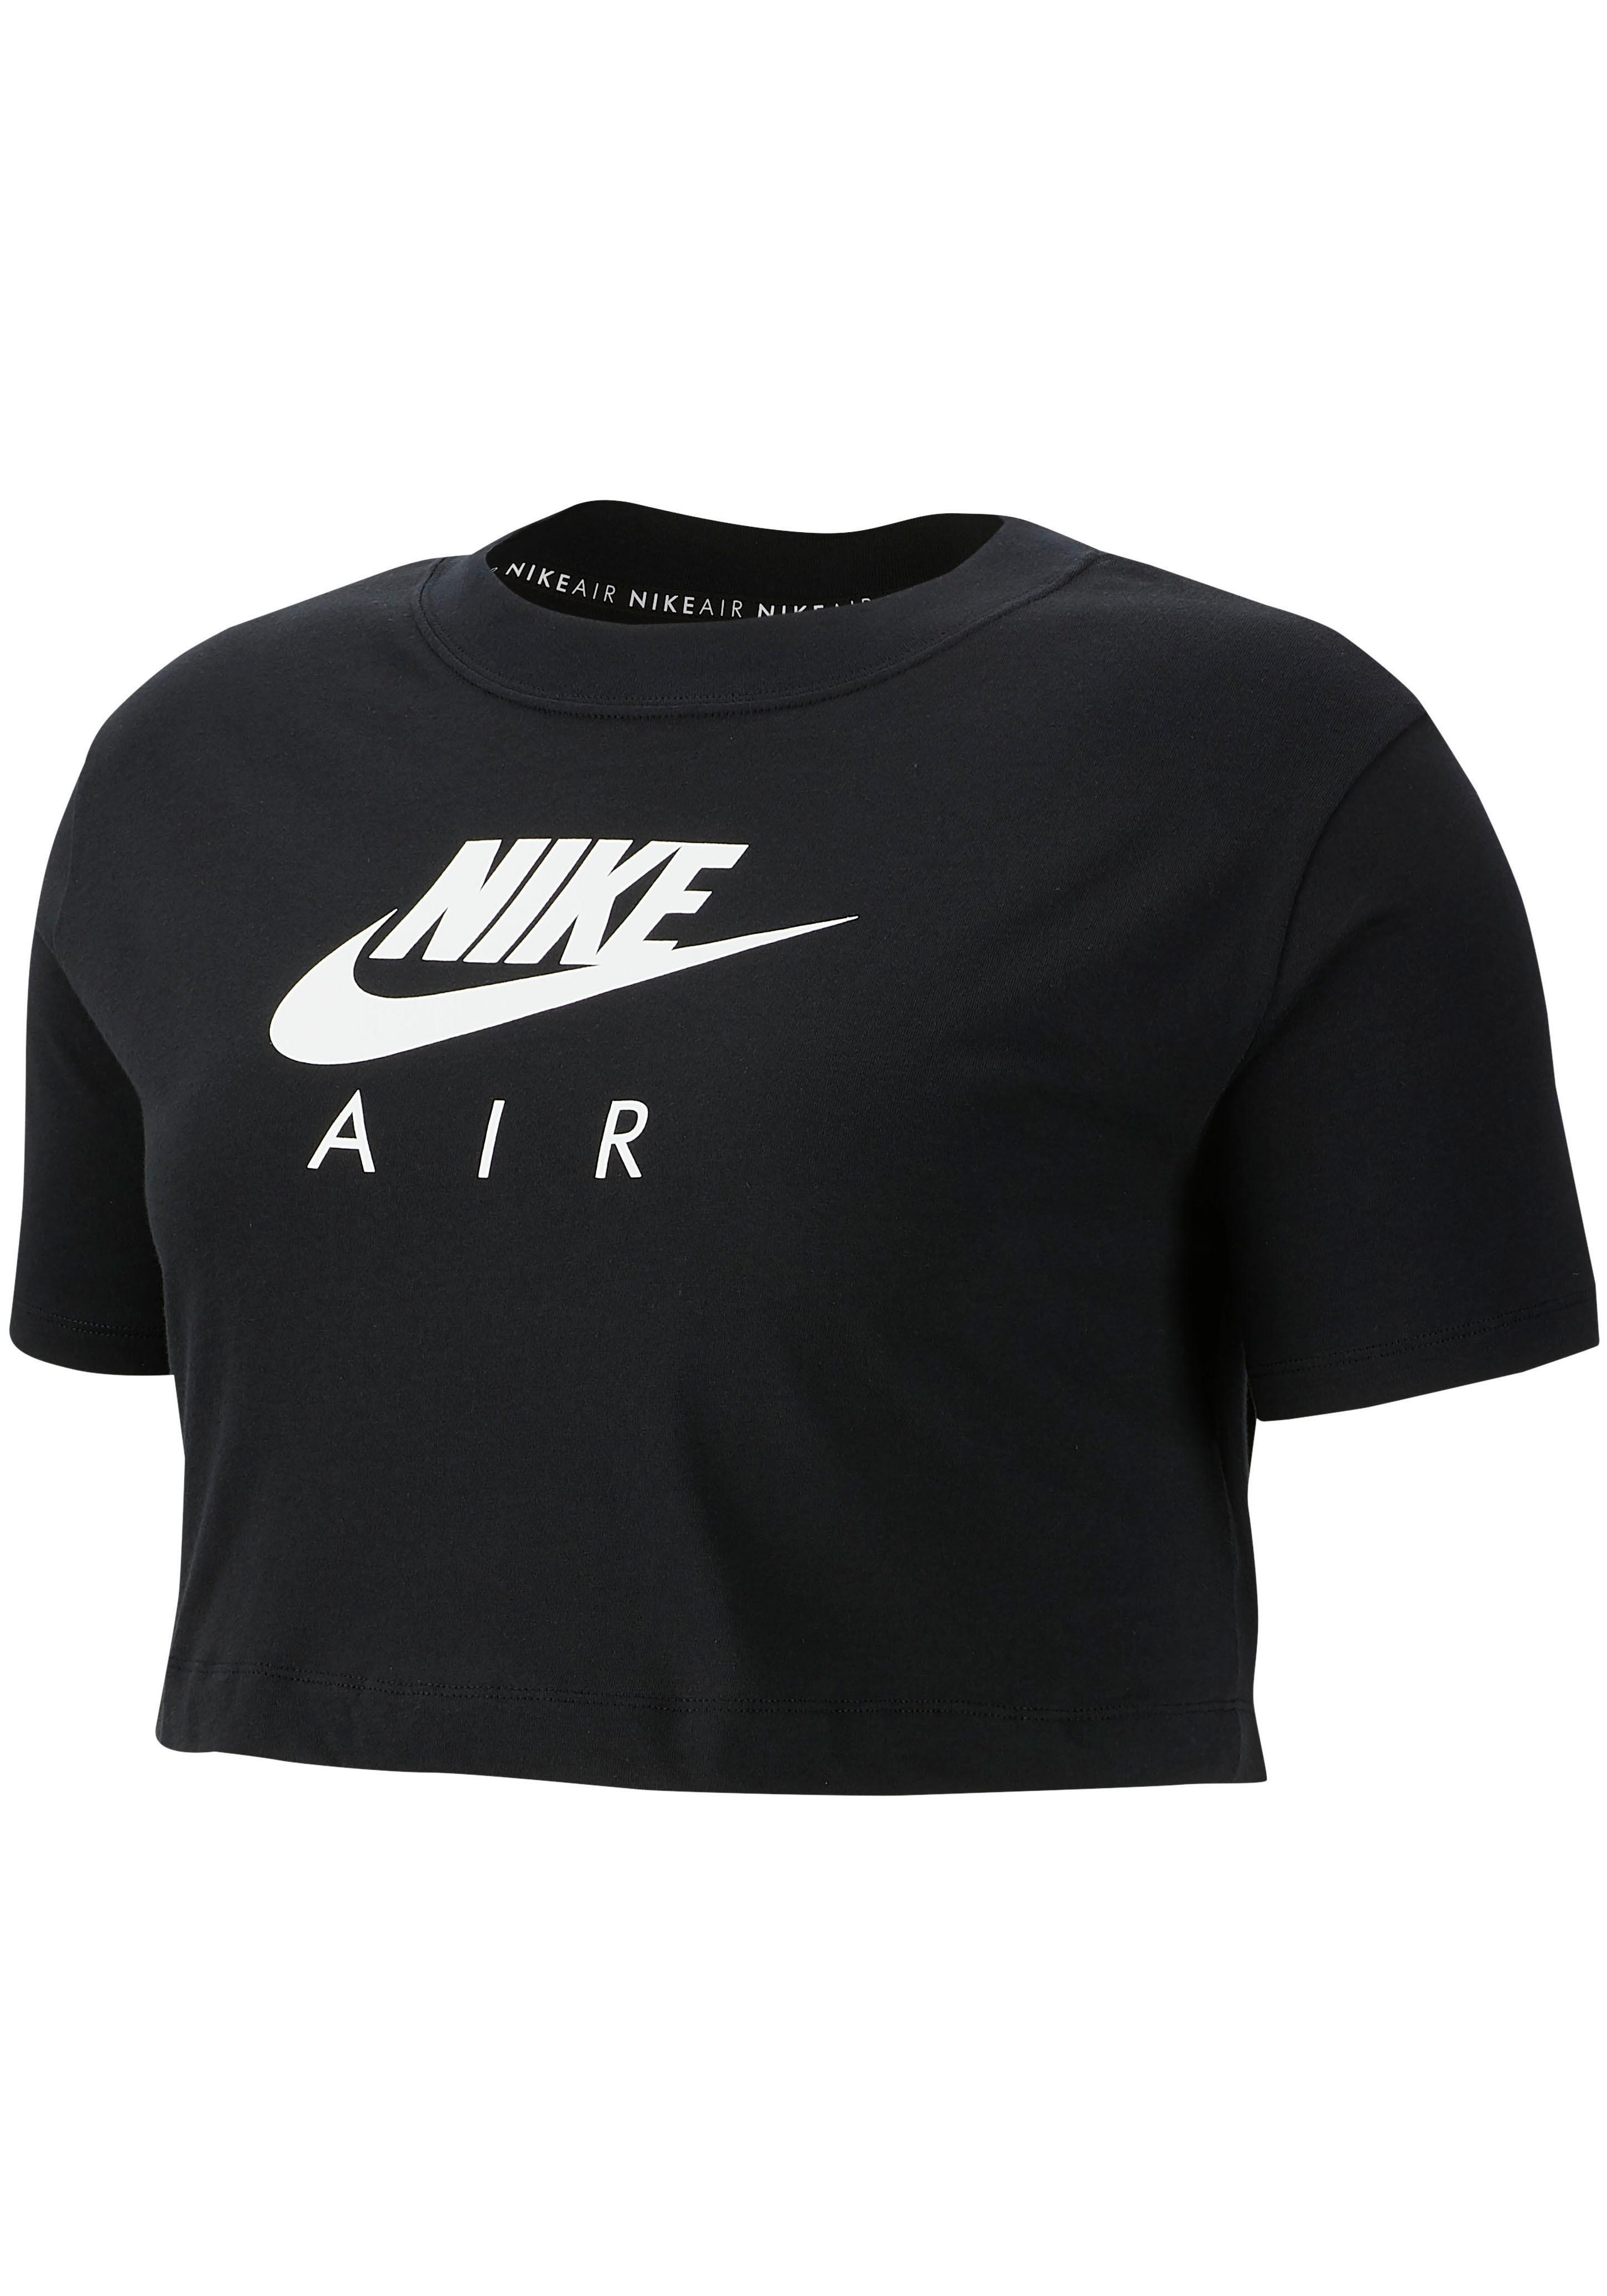 Nike Sportswear T-Shirt WOMEN TOP SHORTSLEEVE PLUS SIZE   Sportbekleidung > Sporthosen > Sportshorts   Schwarz   Nike Sportswear